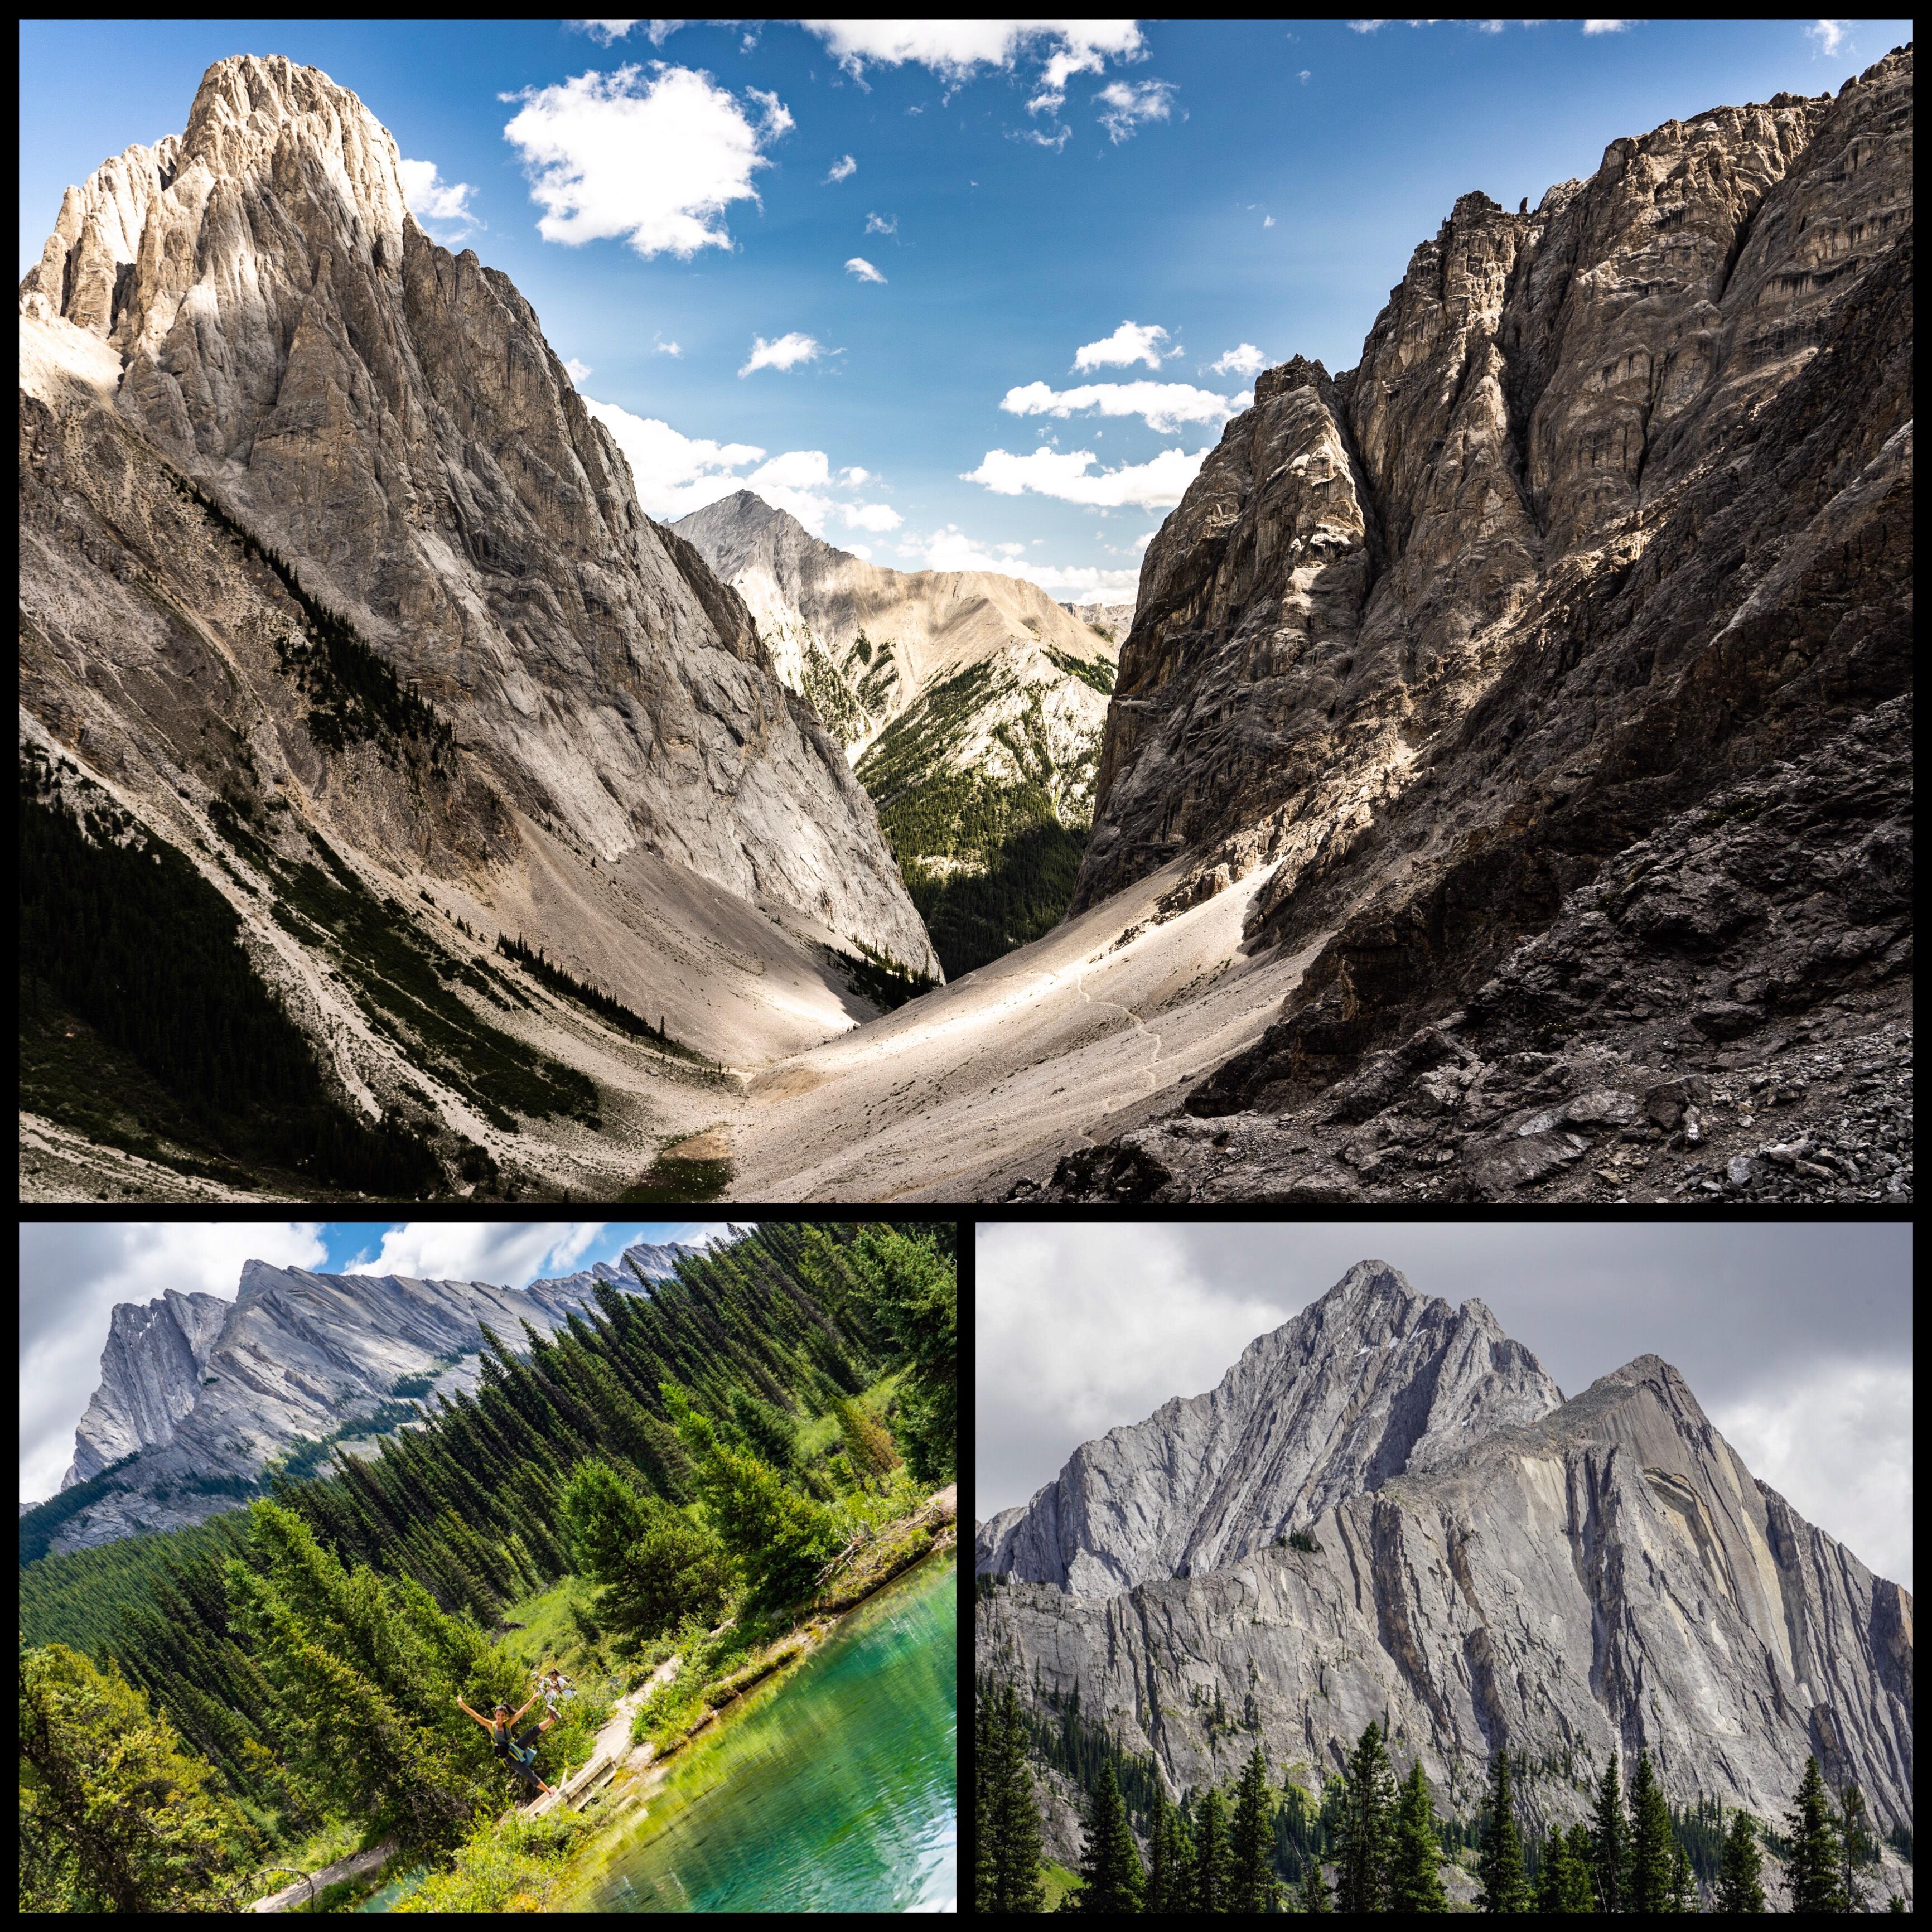 banff national park dans l'ouest canadien